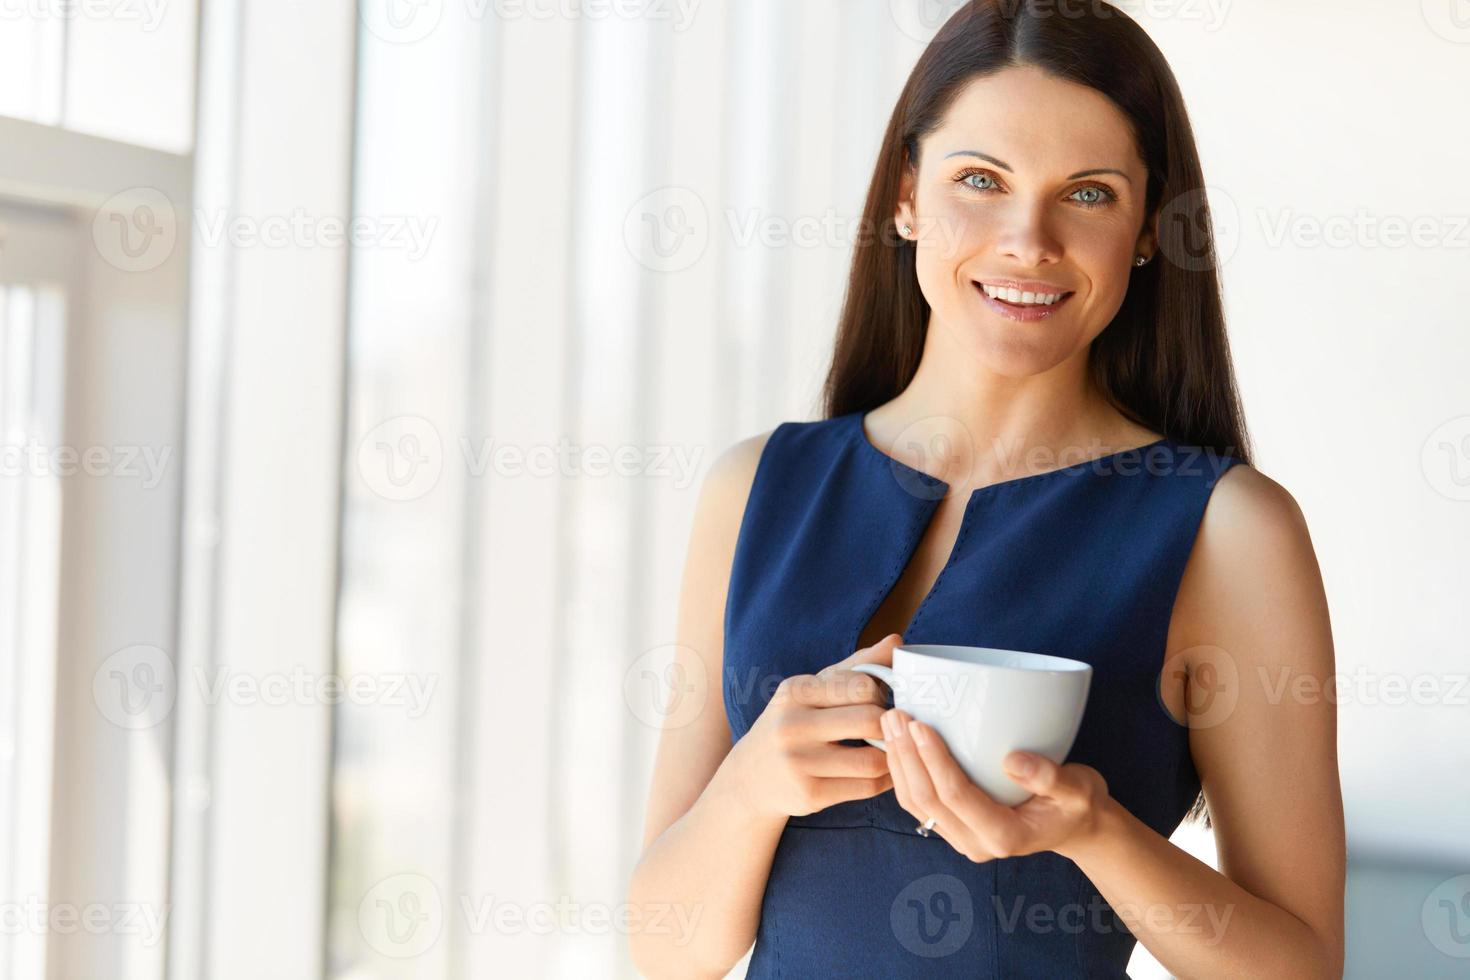 zakenvrouw heeft koffiepauze op kantoor. mensen uit het bedrijfsleven foto